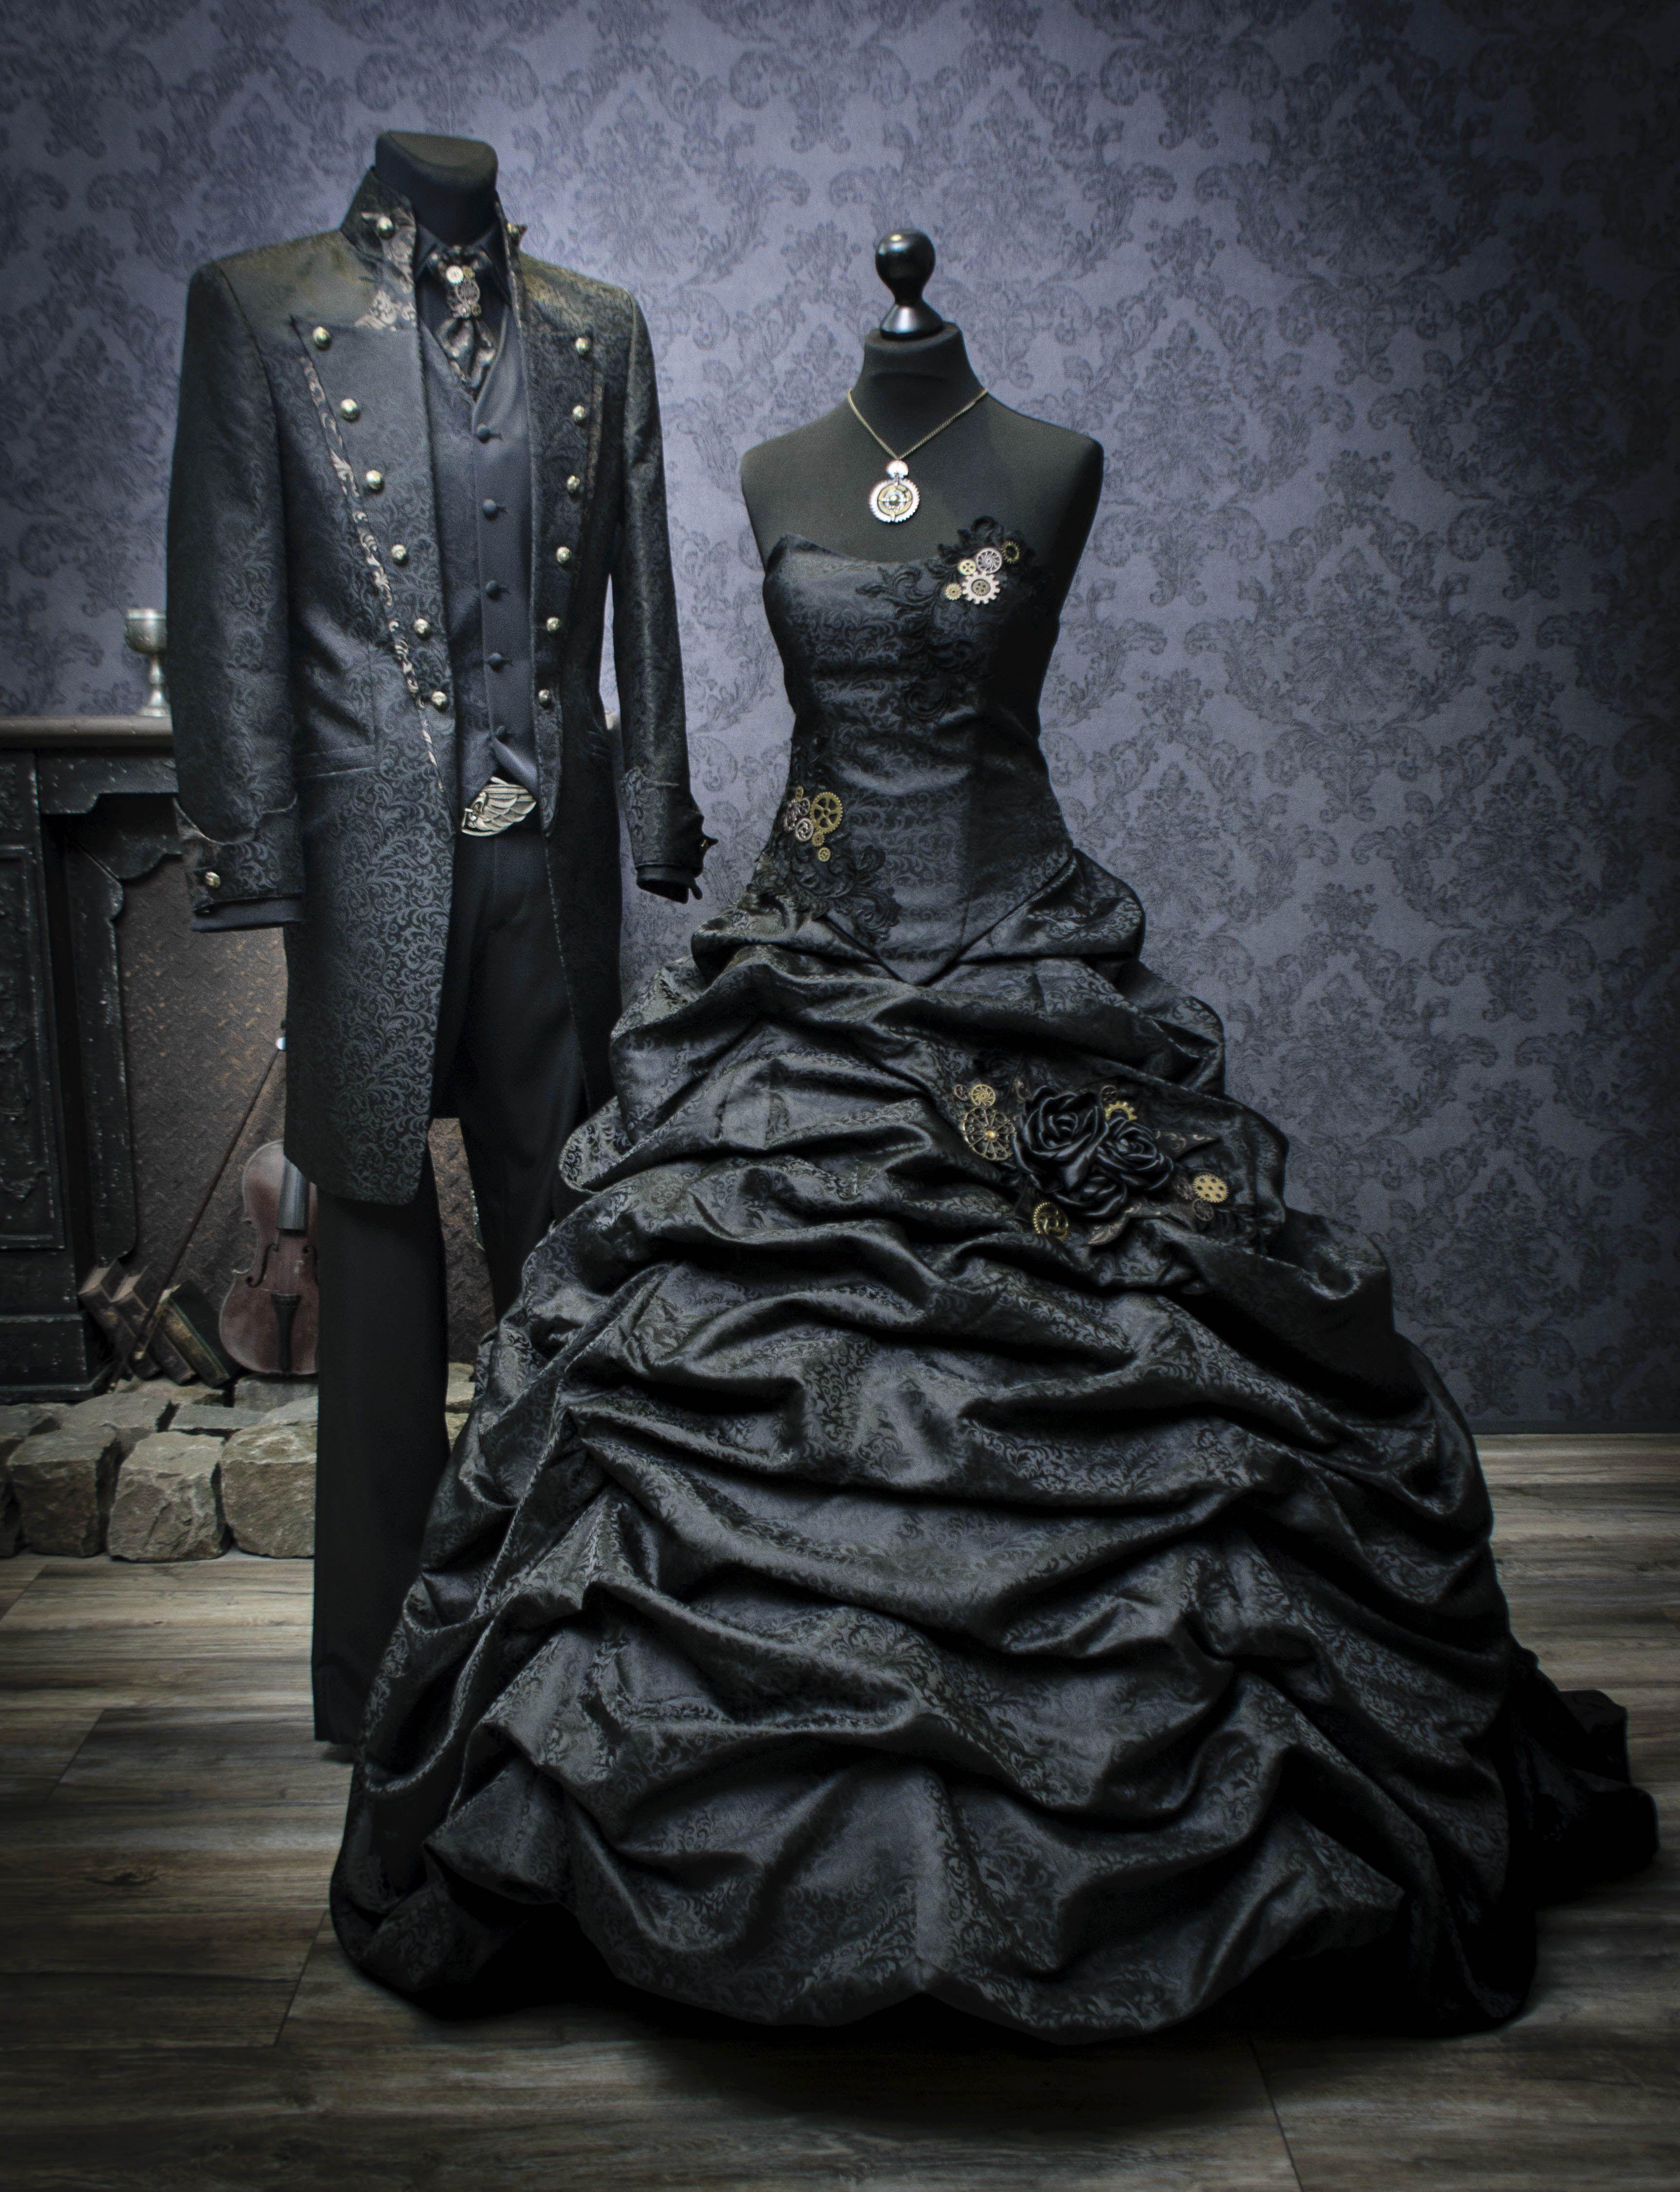 Schwarzes Brautkleid im Steampunk-Style  Schwarzes brautkleid